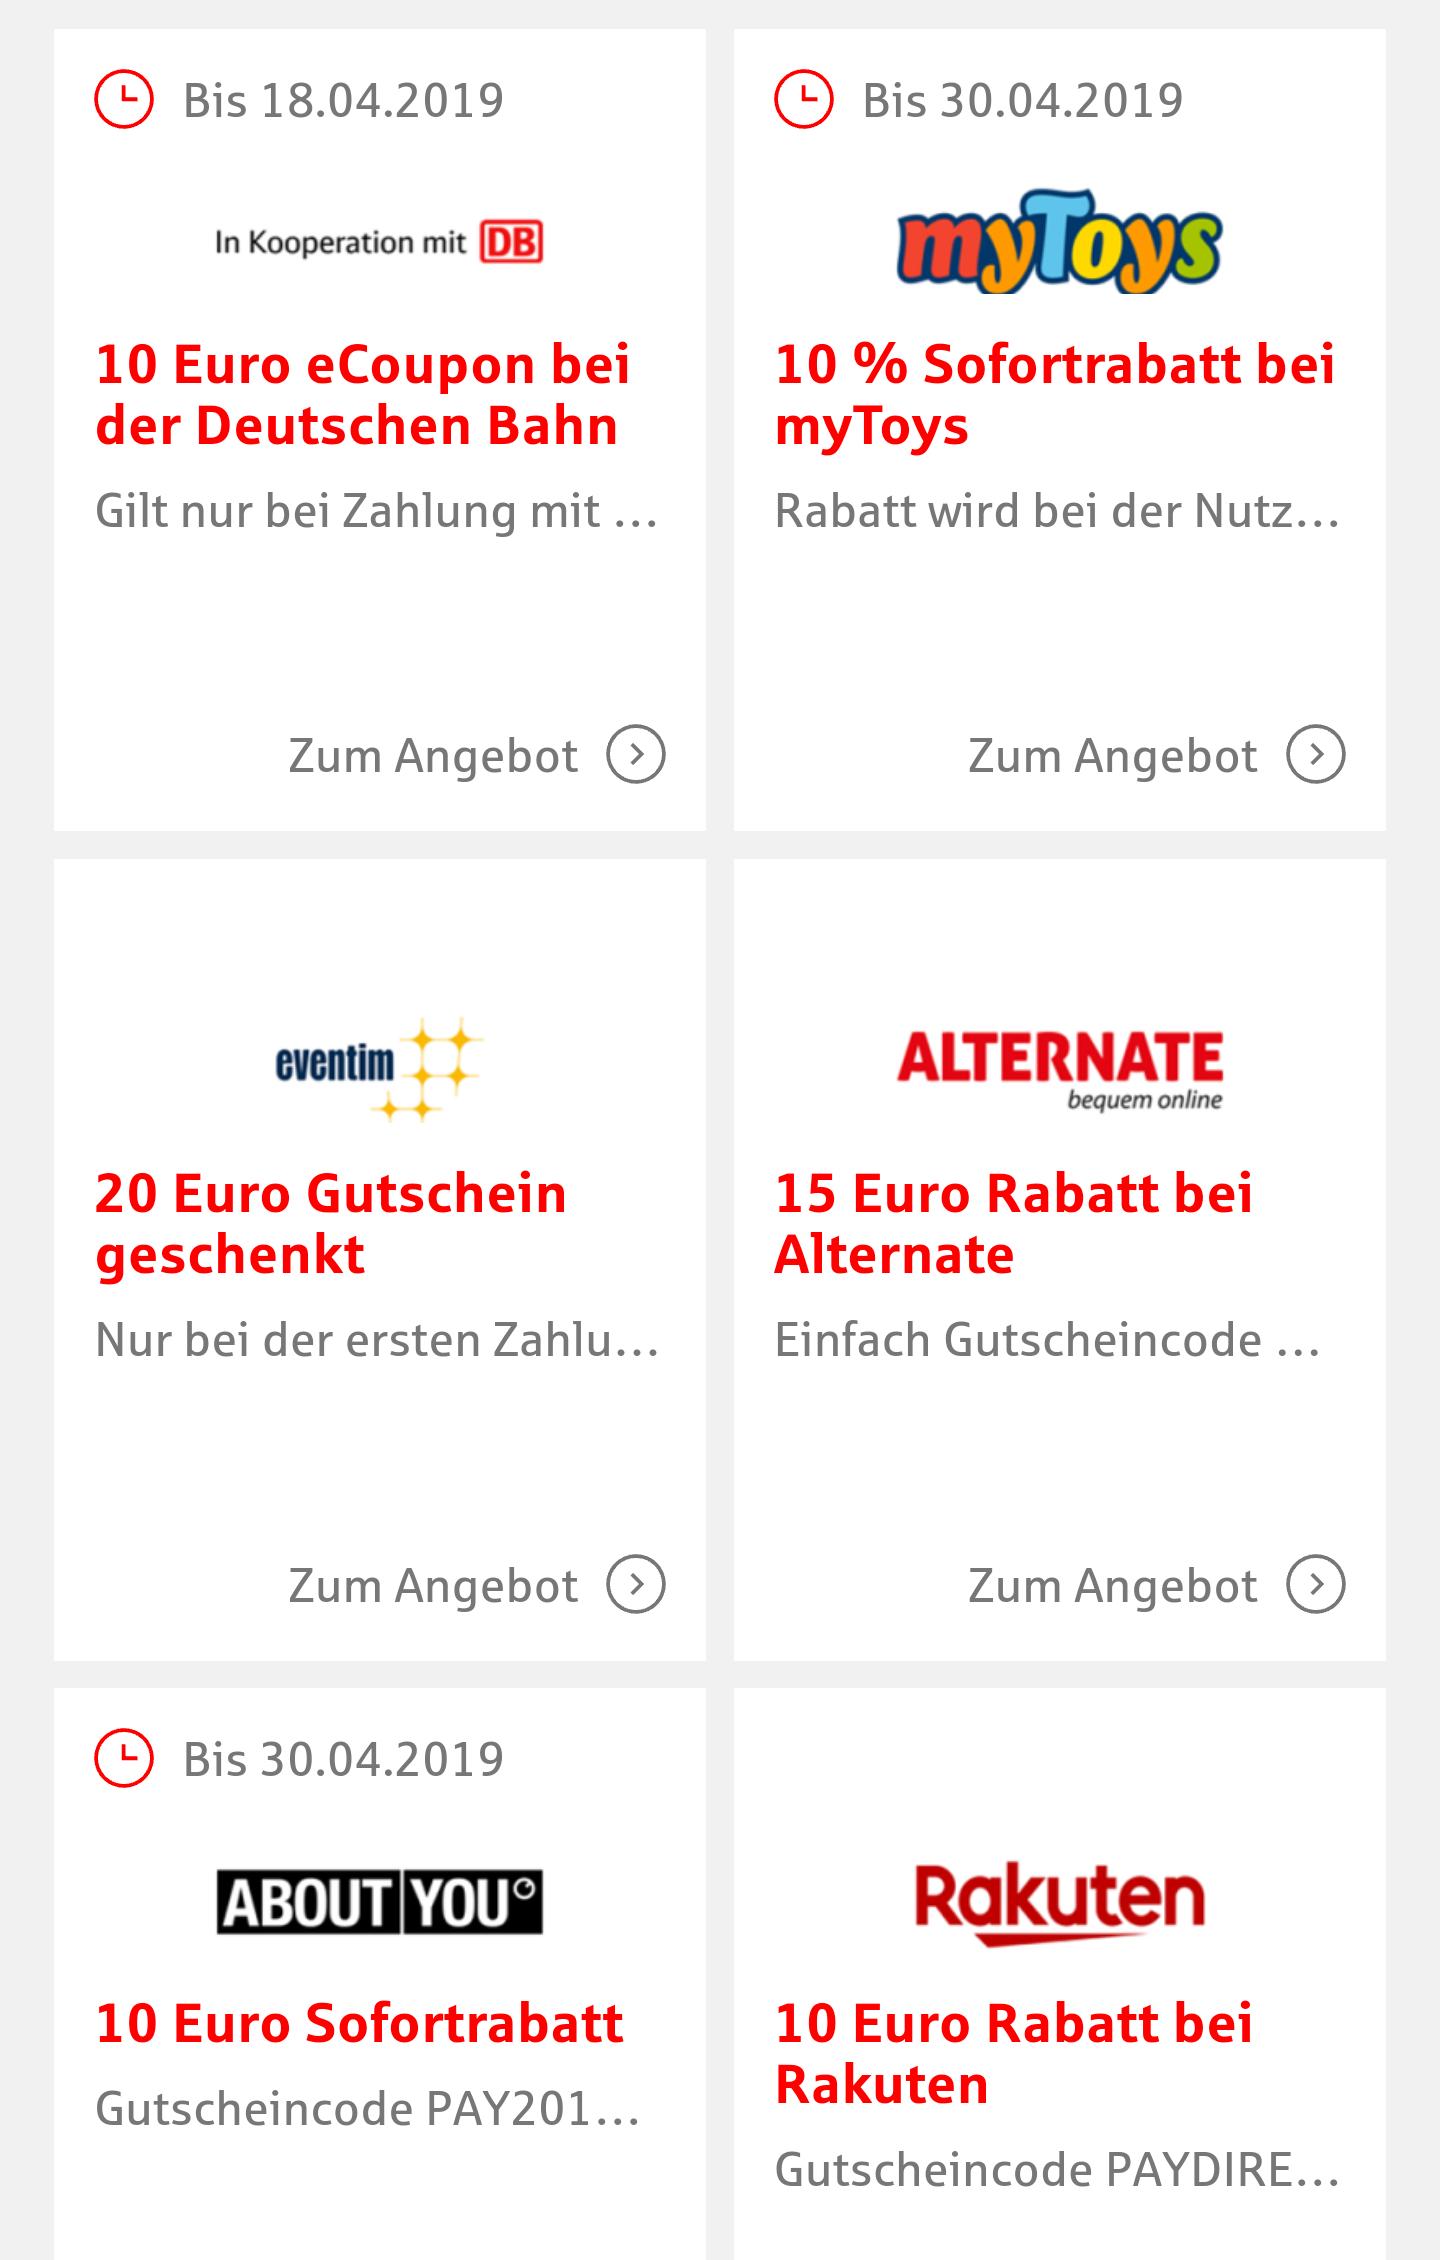 Paydirekt Gutscheine bei allen teilnehmenden Banken